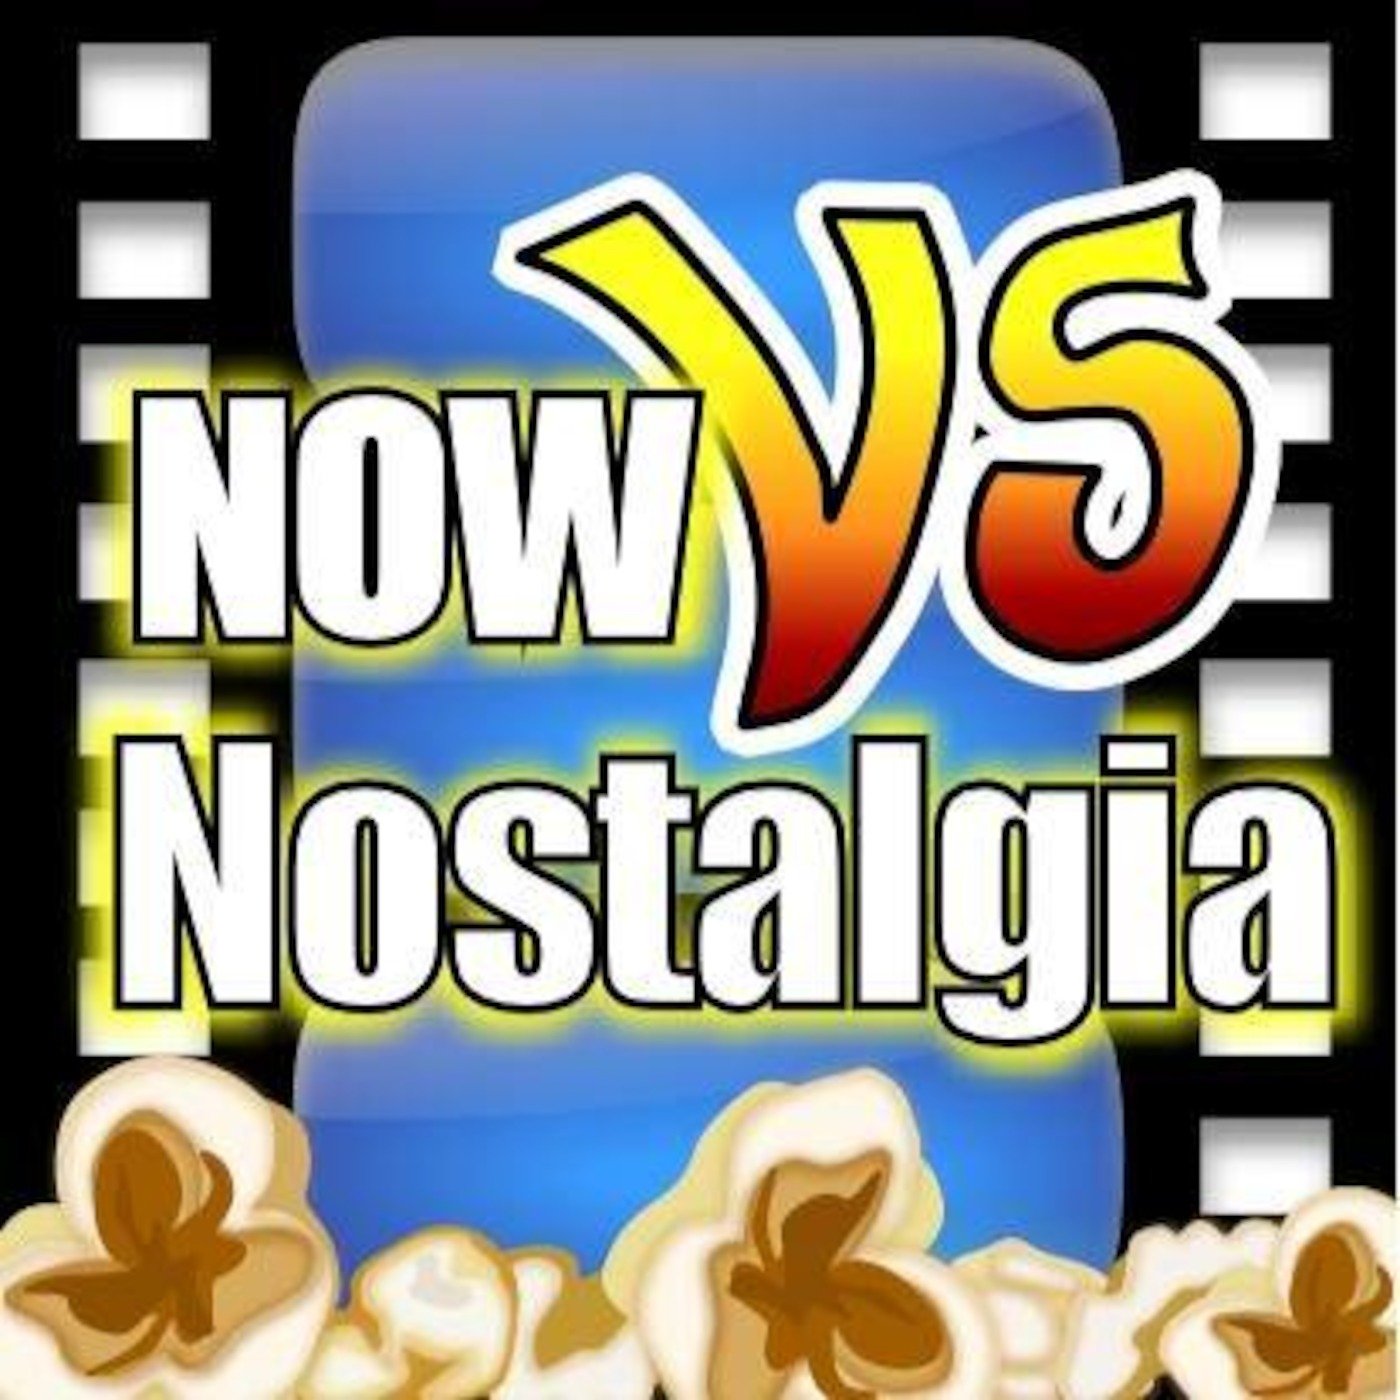 Now Vs Nostalgia